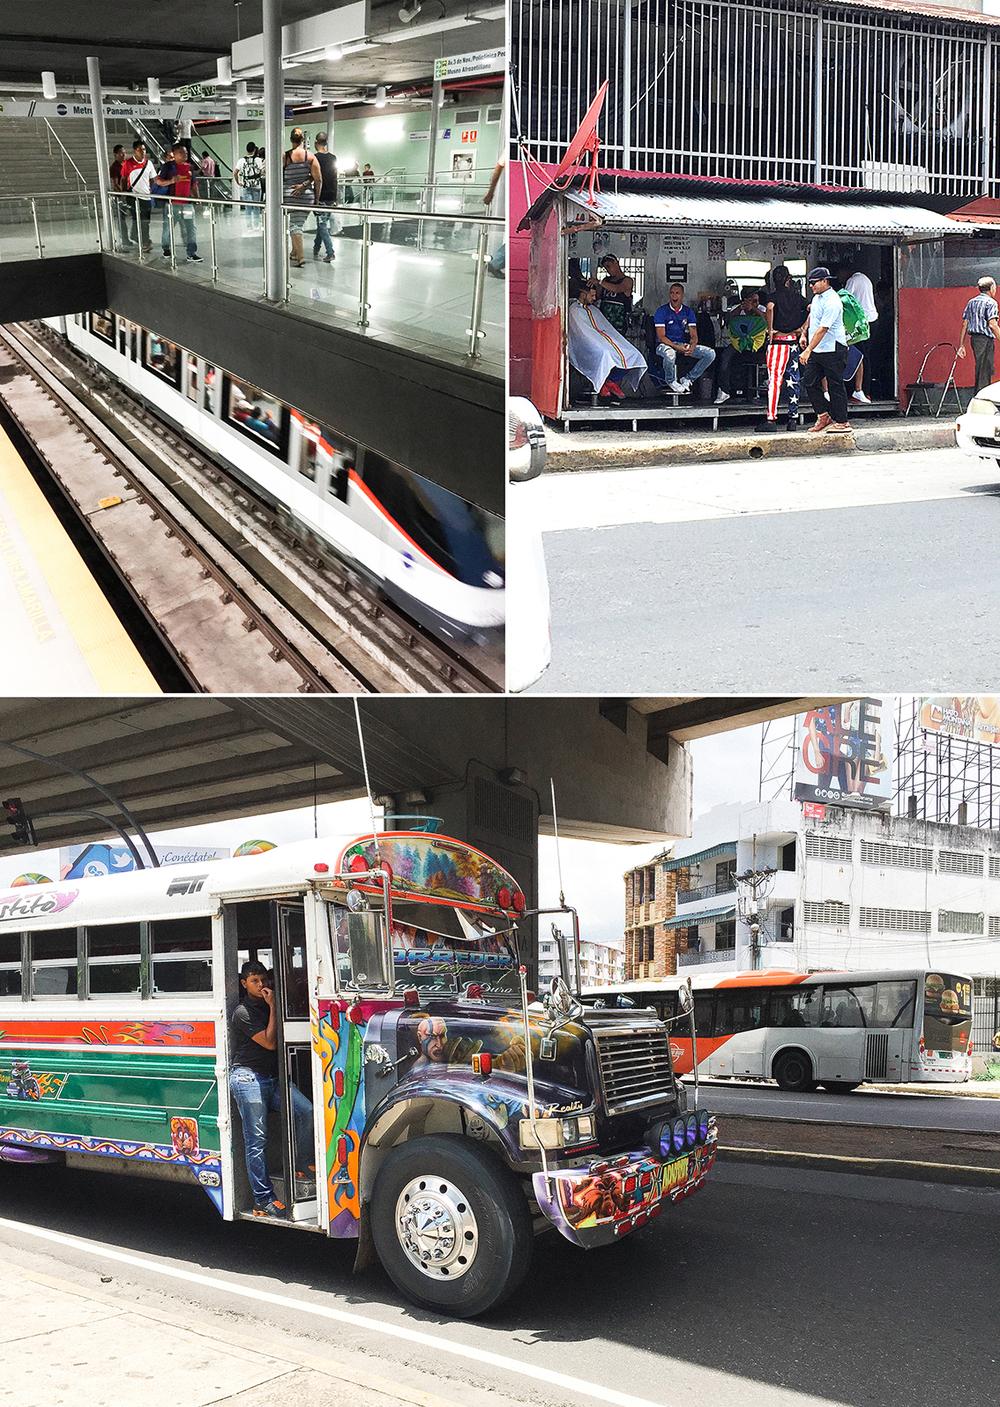 """La nueva estación del metro y los famosos """" Diablo Rojo """" que los puedes abordar luego de ir al Barbero, en plena calle, me encanta!!..."""